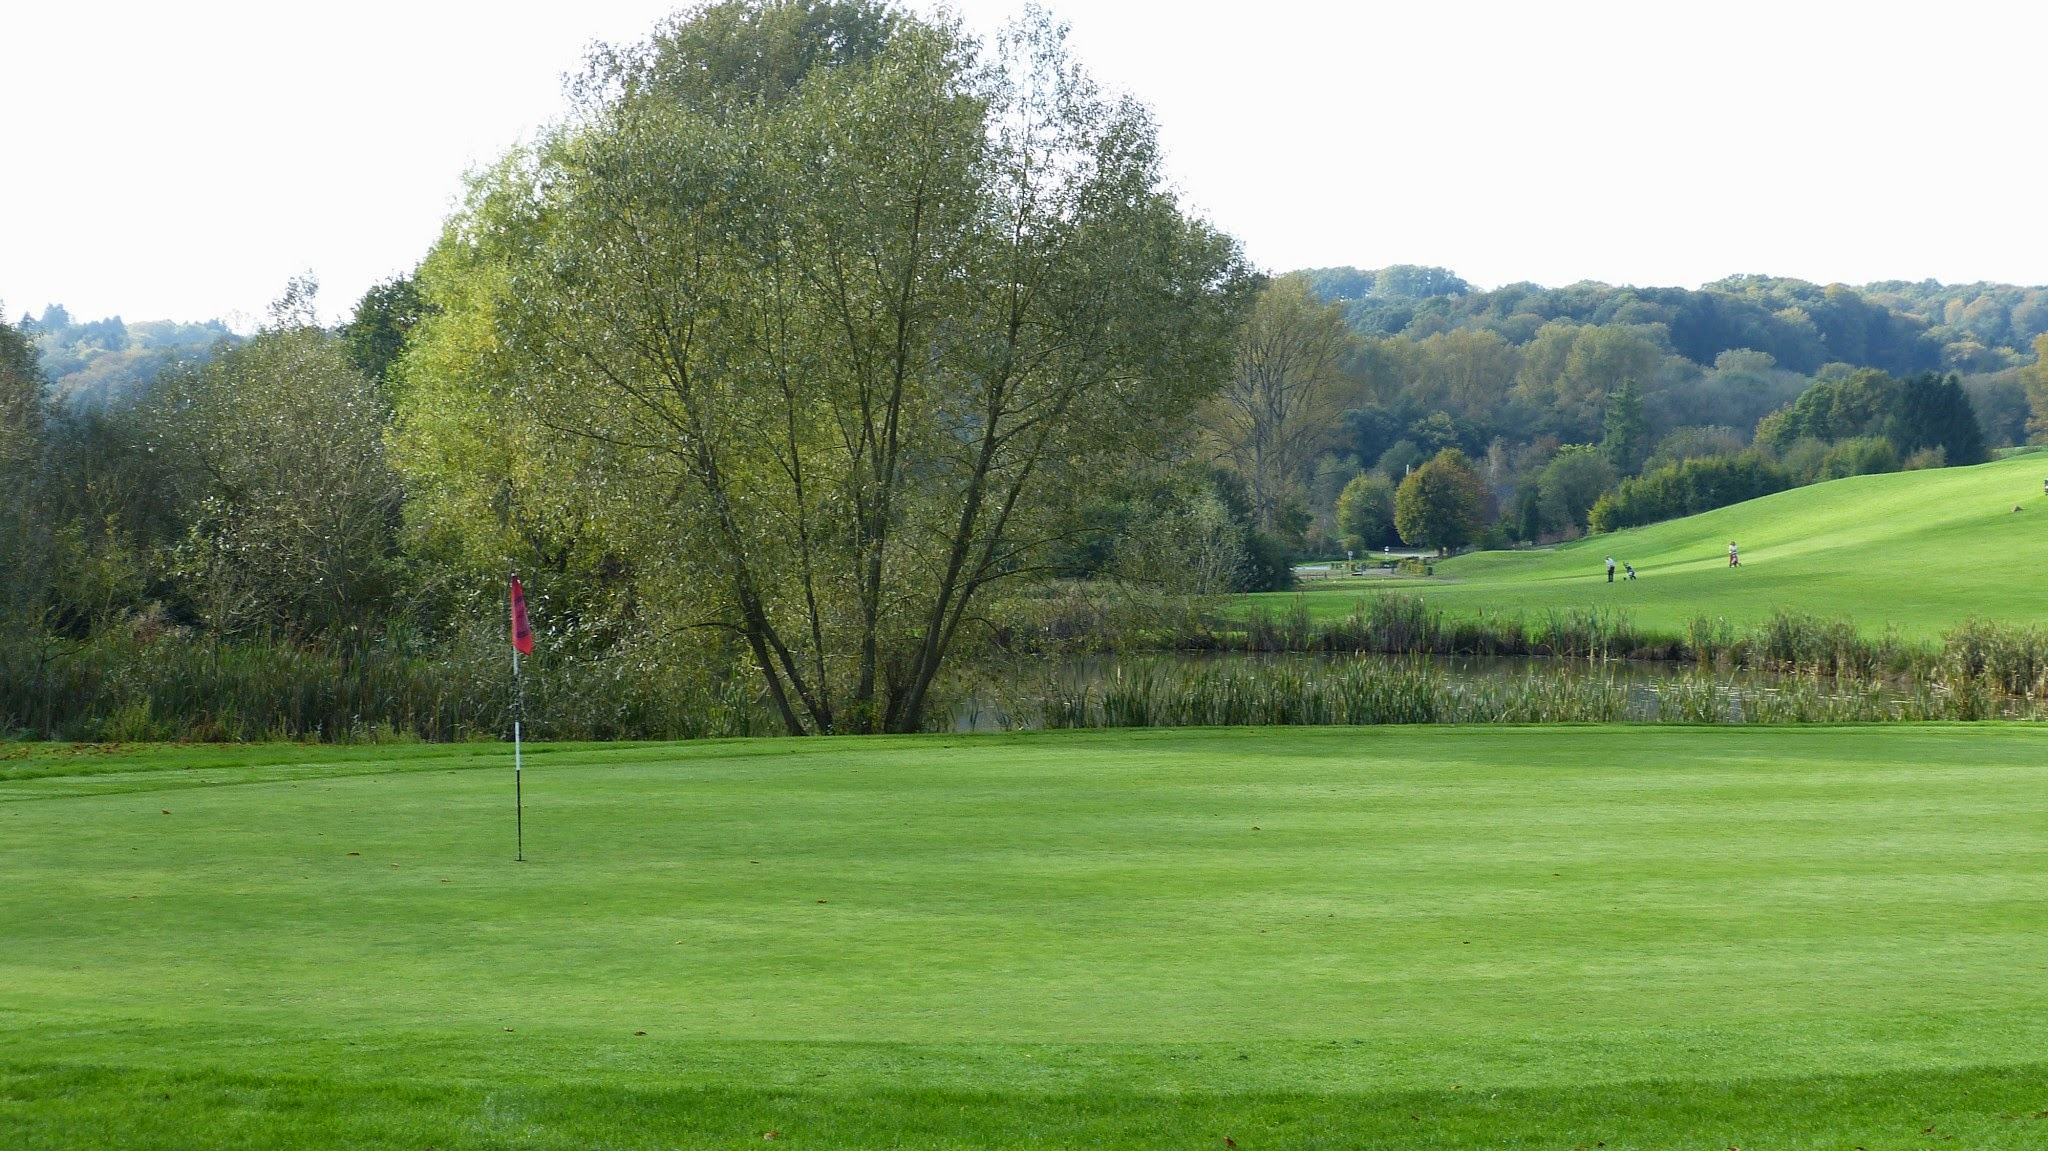 Golfplatz - Grün18